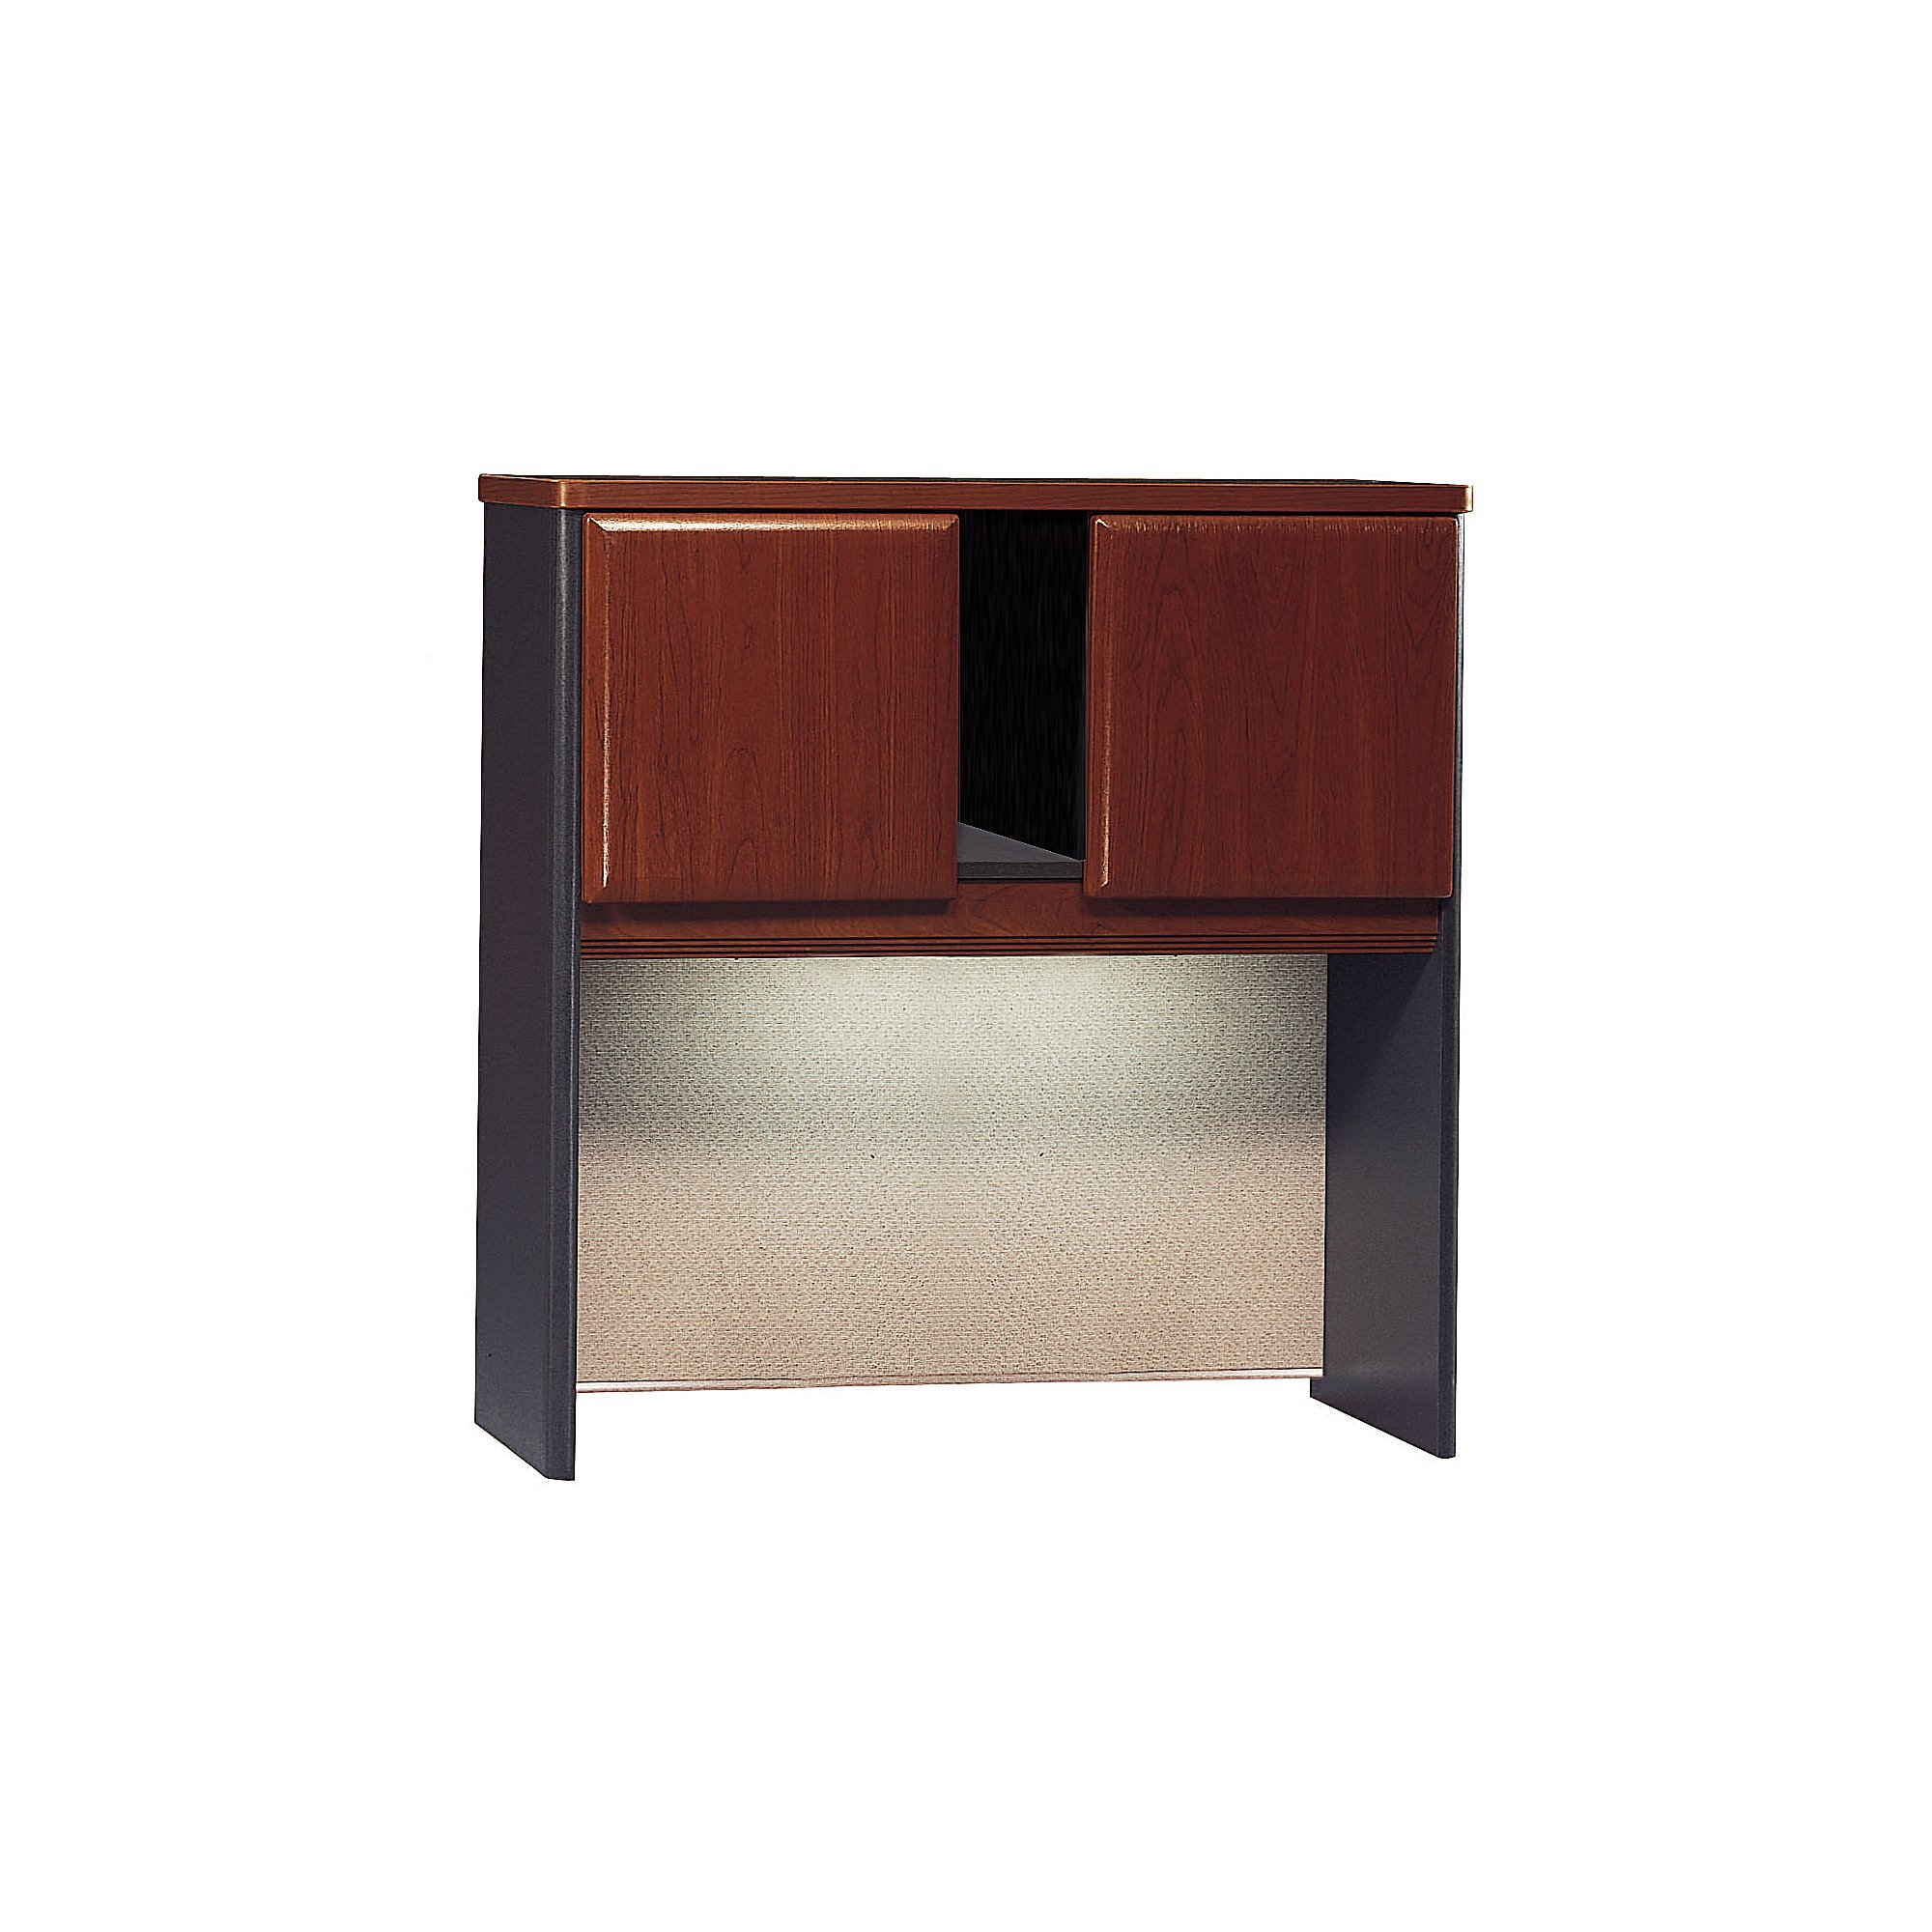 Bush Business Furniture Series A 36W Hutch - Hansen Cherry/Galaxy 36W X 14D X 37H Ergonomichome American Made TAA Compliant by ErgonomicHome Bush Business Furniture